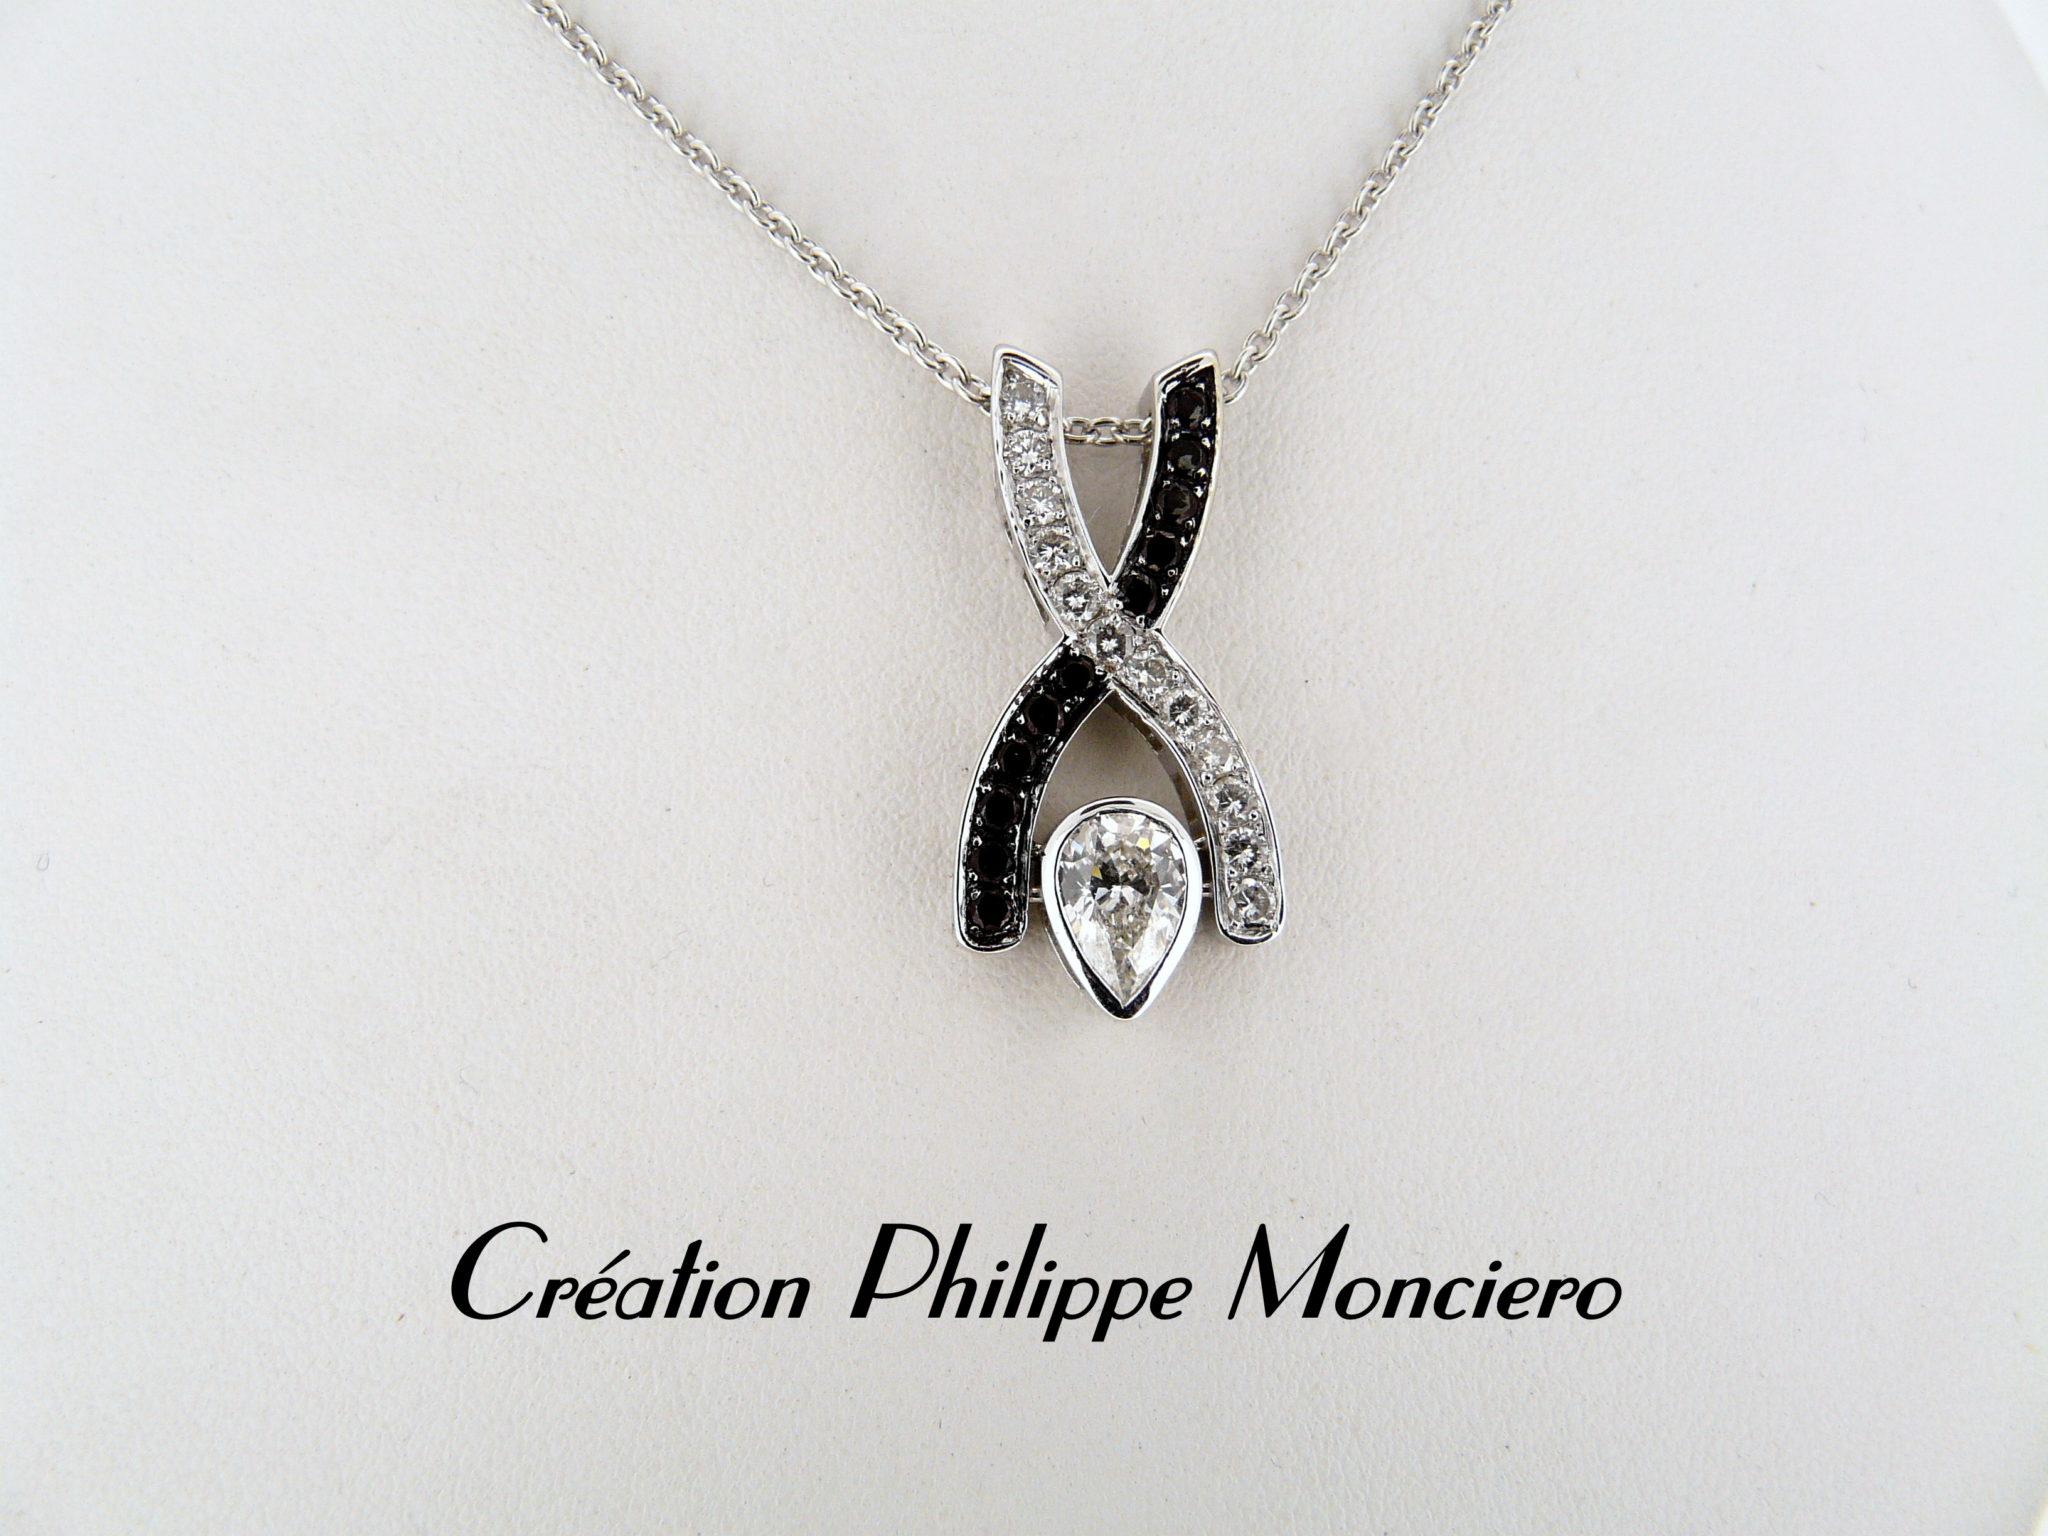 Pendentif croisé diamant poire et diamants blancs et noirs. Monciero - Nîmes